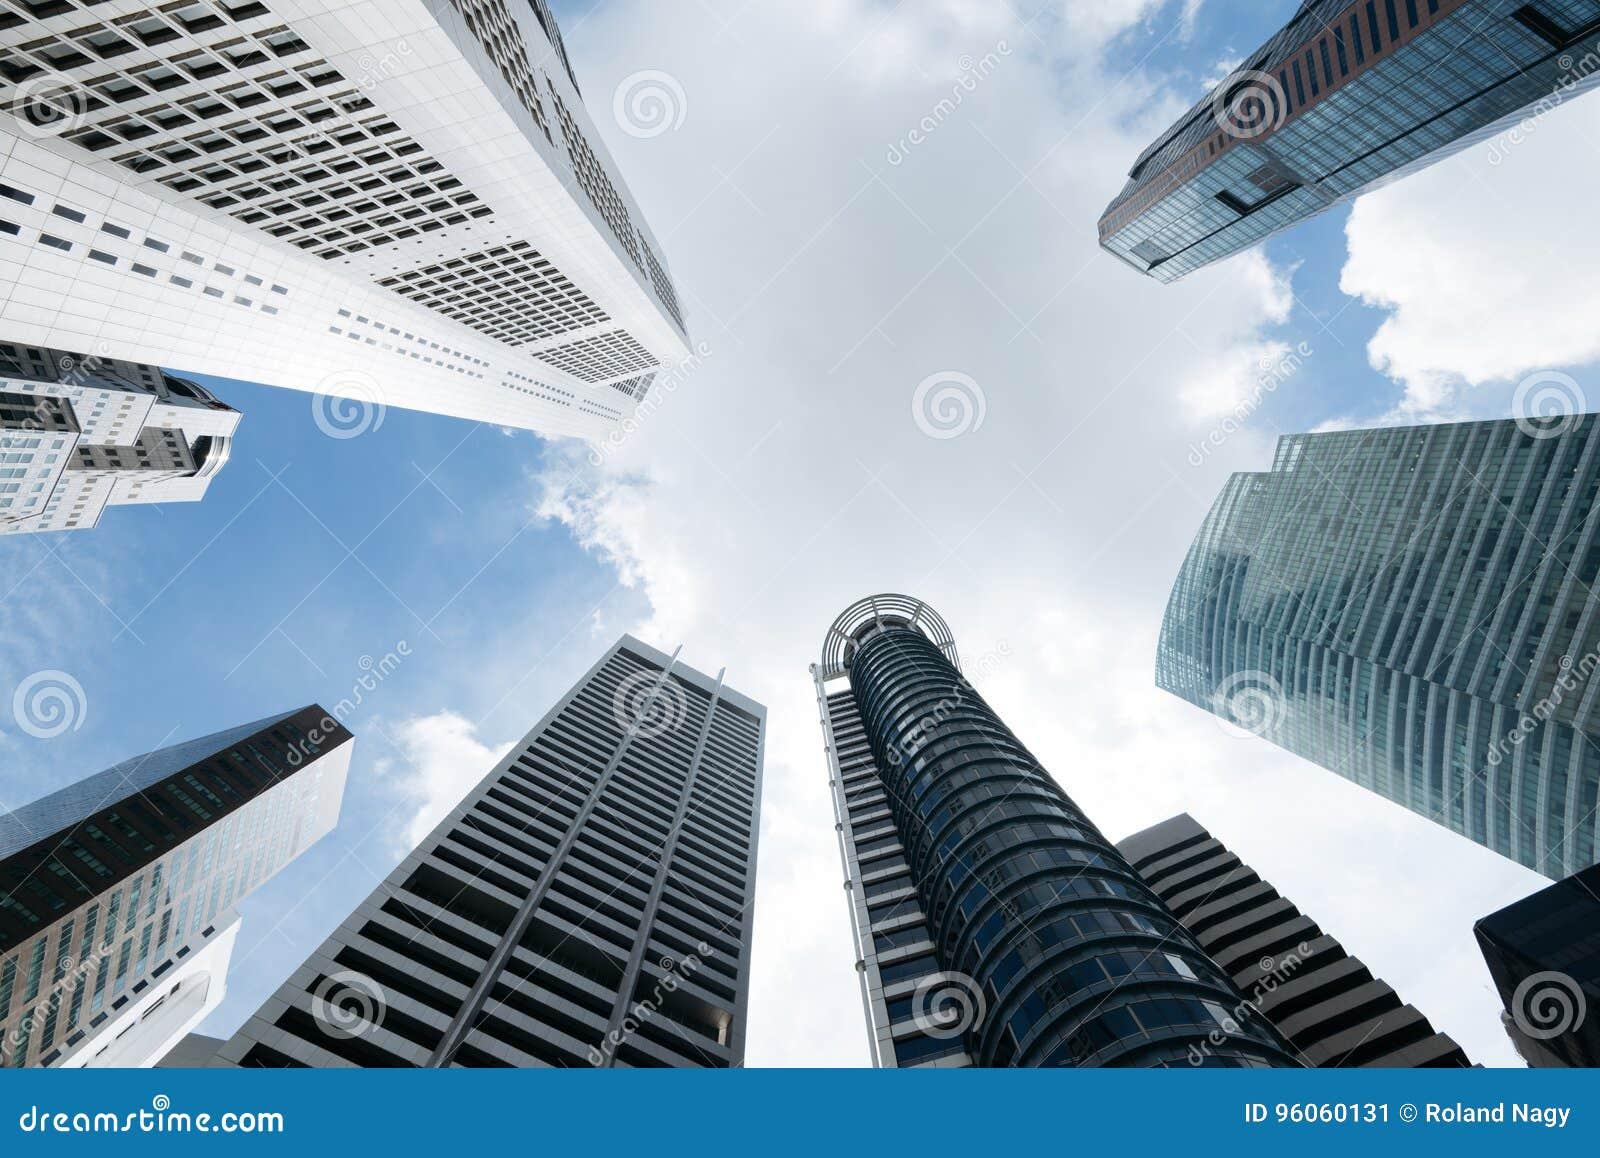 Immeubles de bureaux modernes à singapour image stock image du